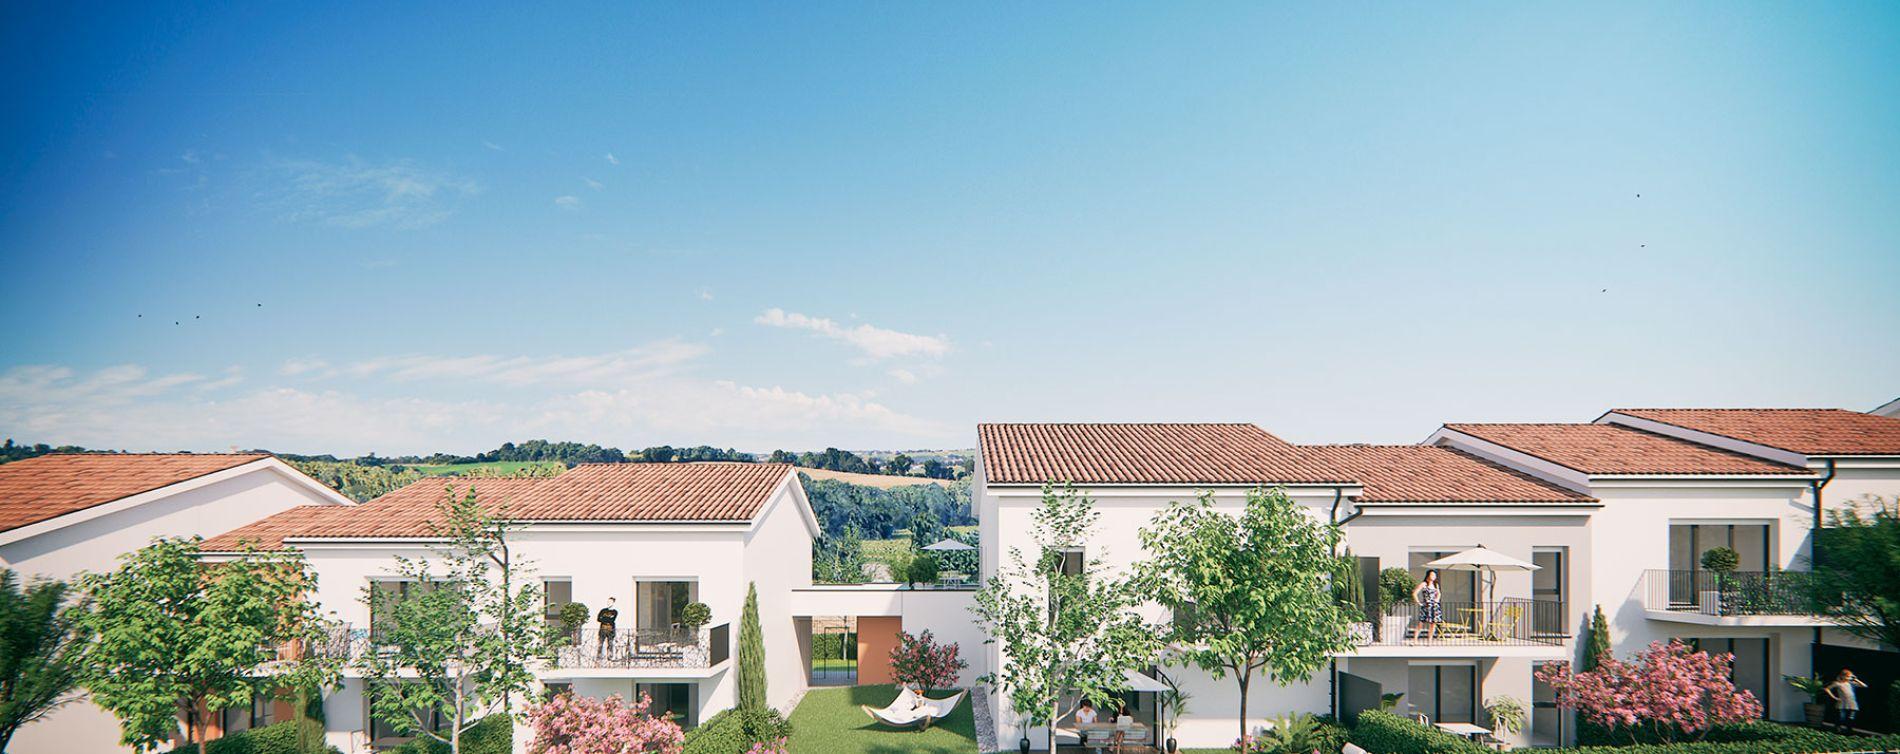 Résidence Les Terrasses de Saint Orens à Saint-Orens-de-Gameville